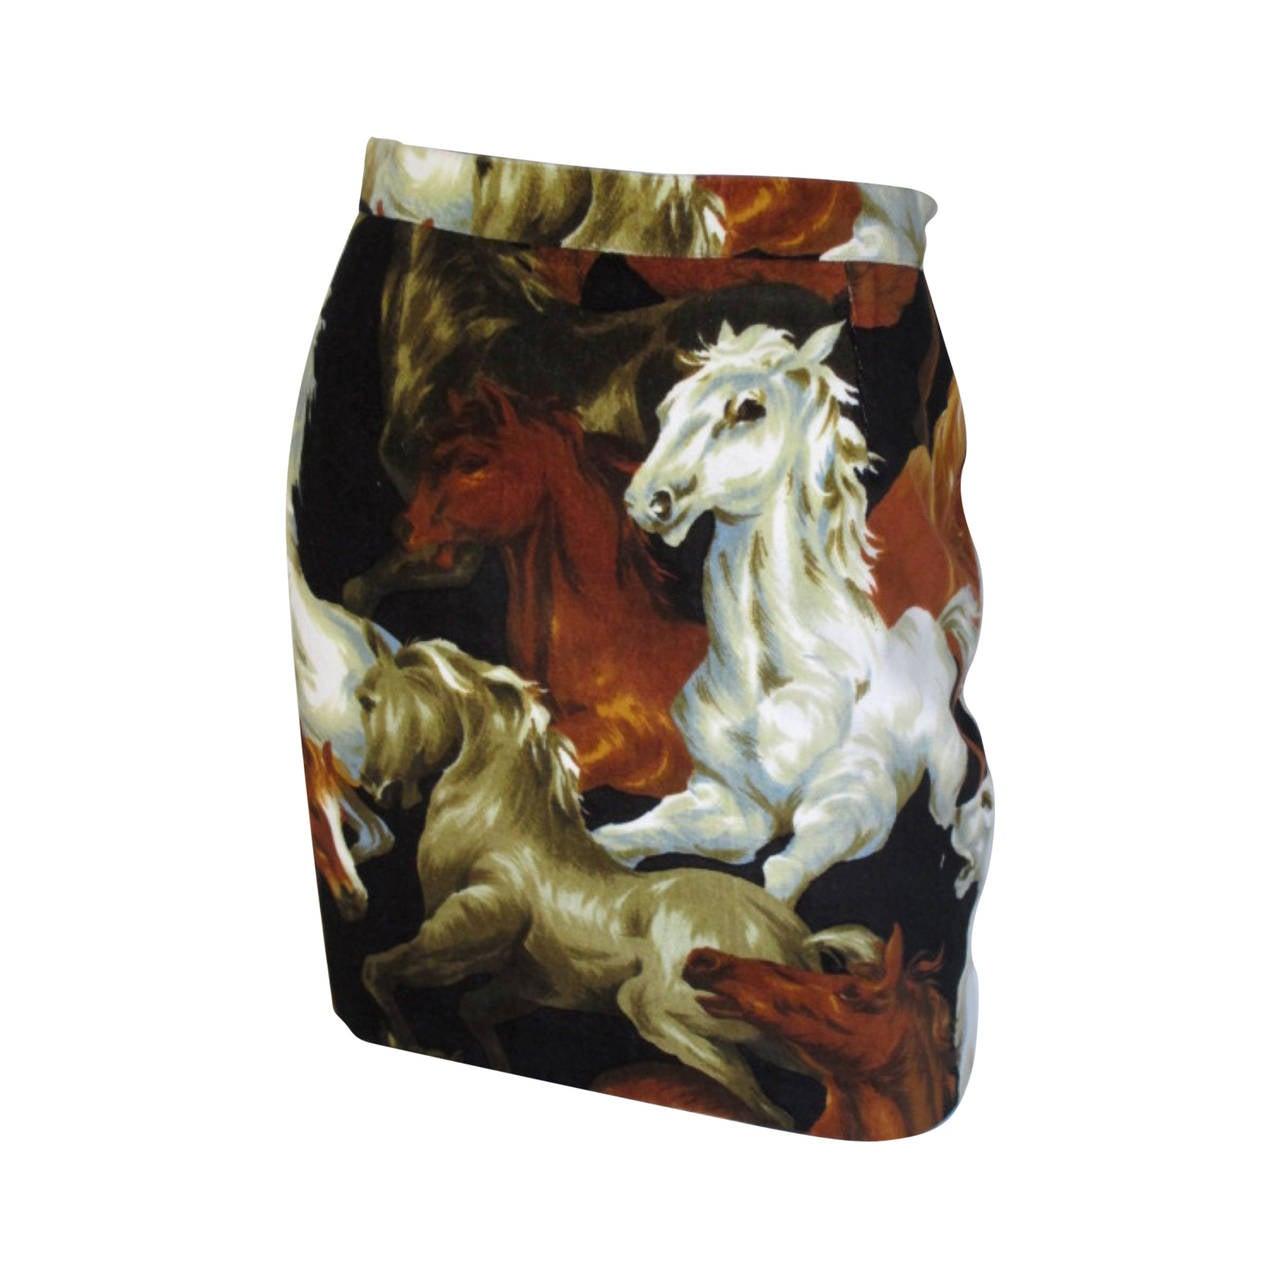 1990s Kenzo velvet skirt with wild horses print